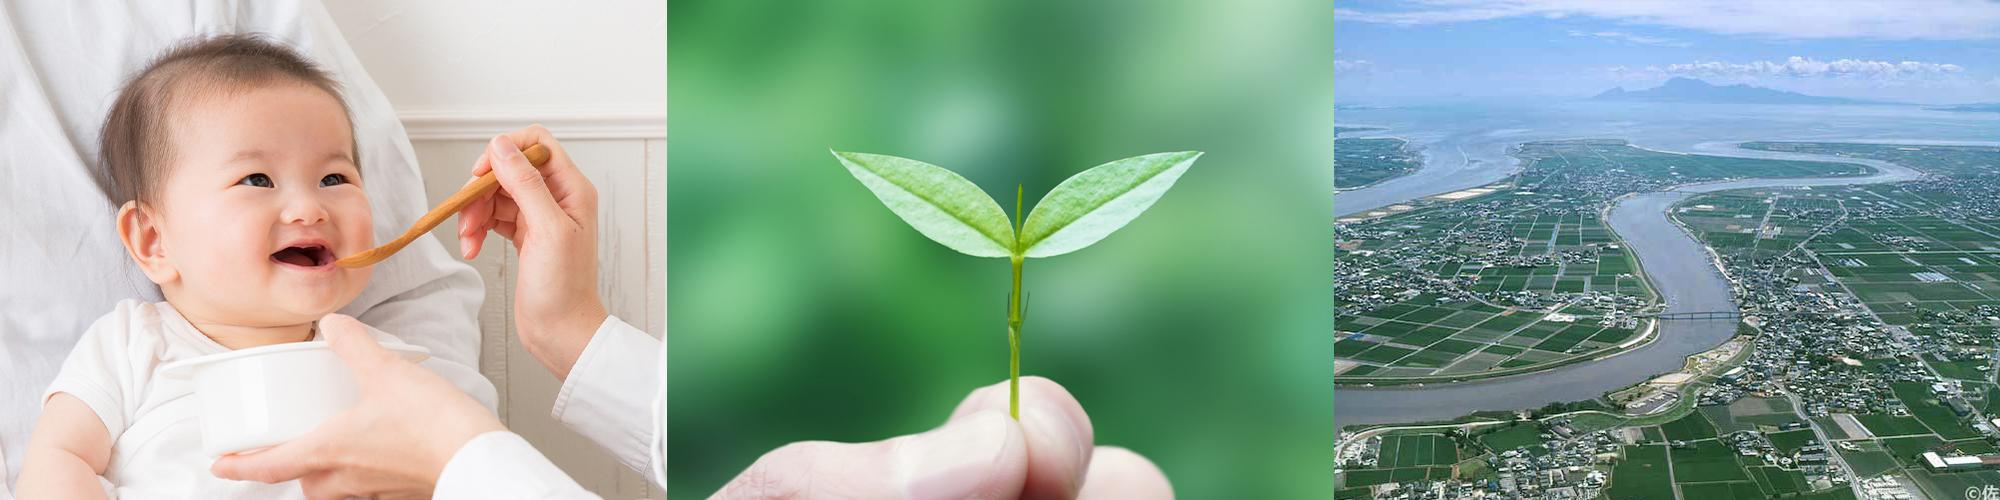 田島興産株式会社は持続可能な開発目標(SDGs)に取り組んでいます。